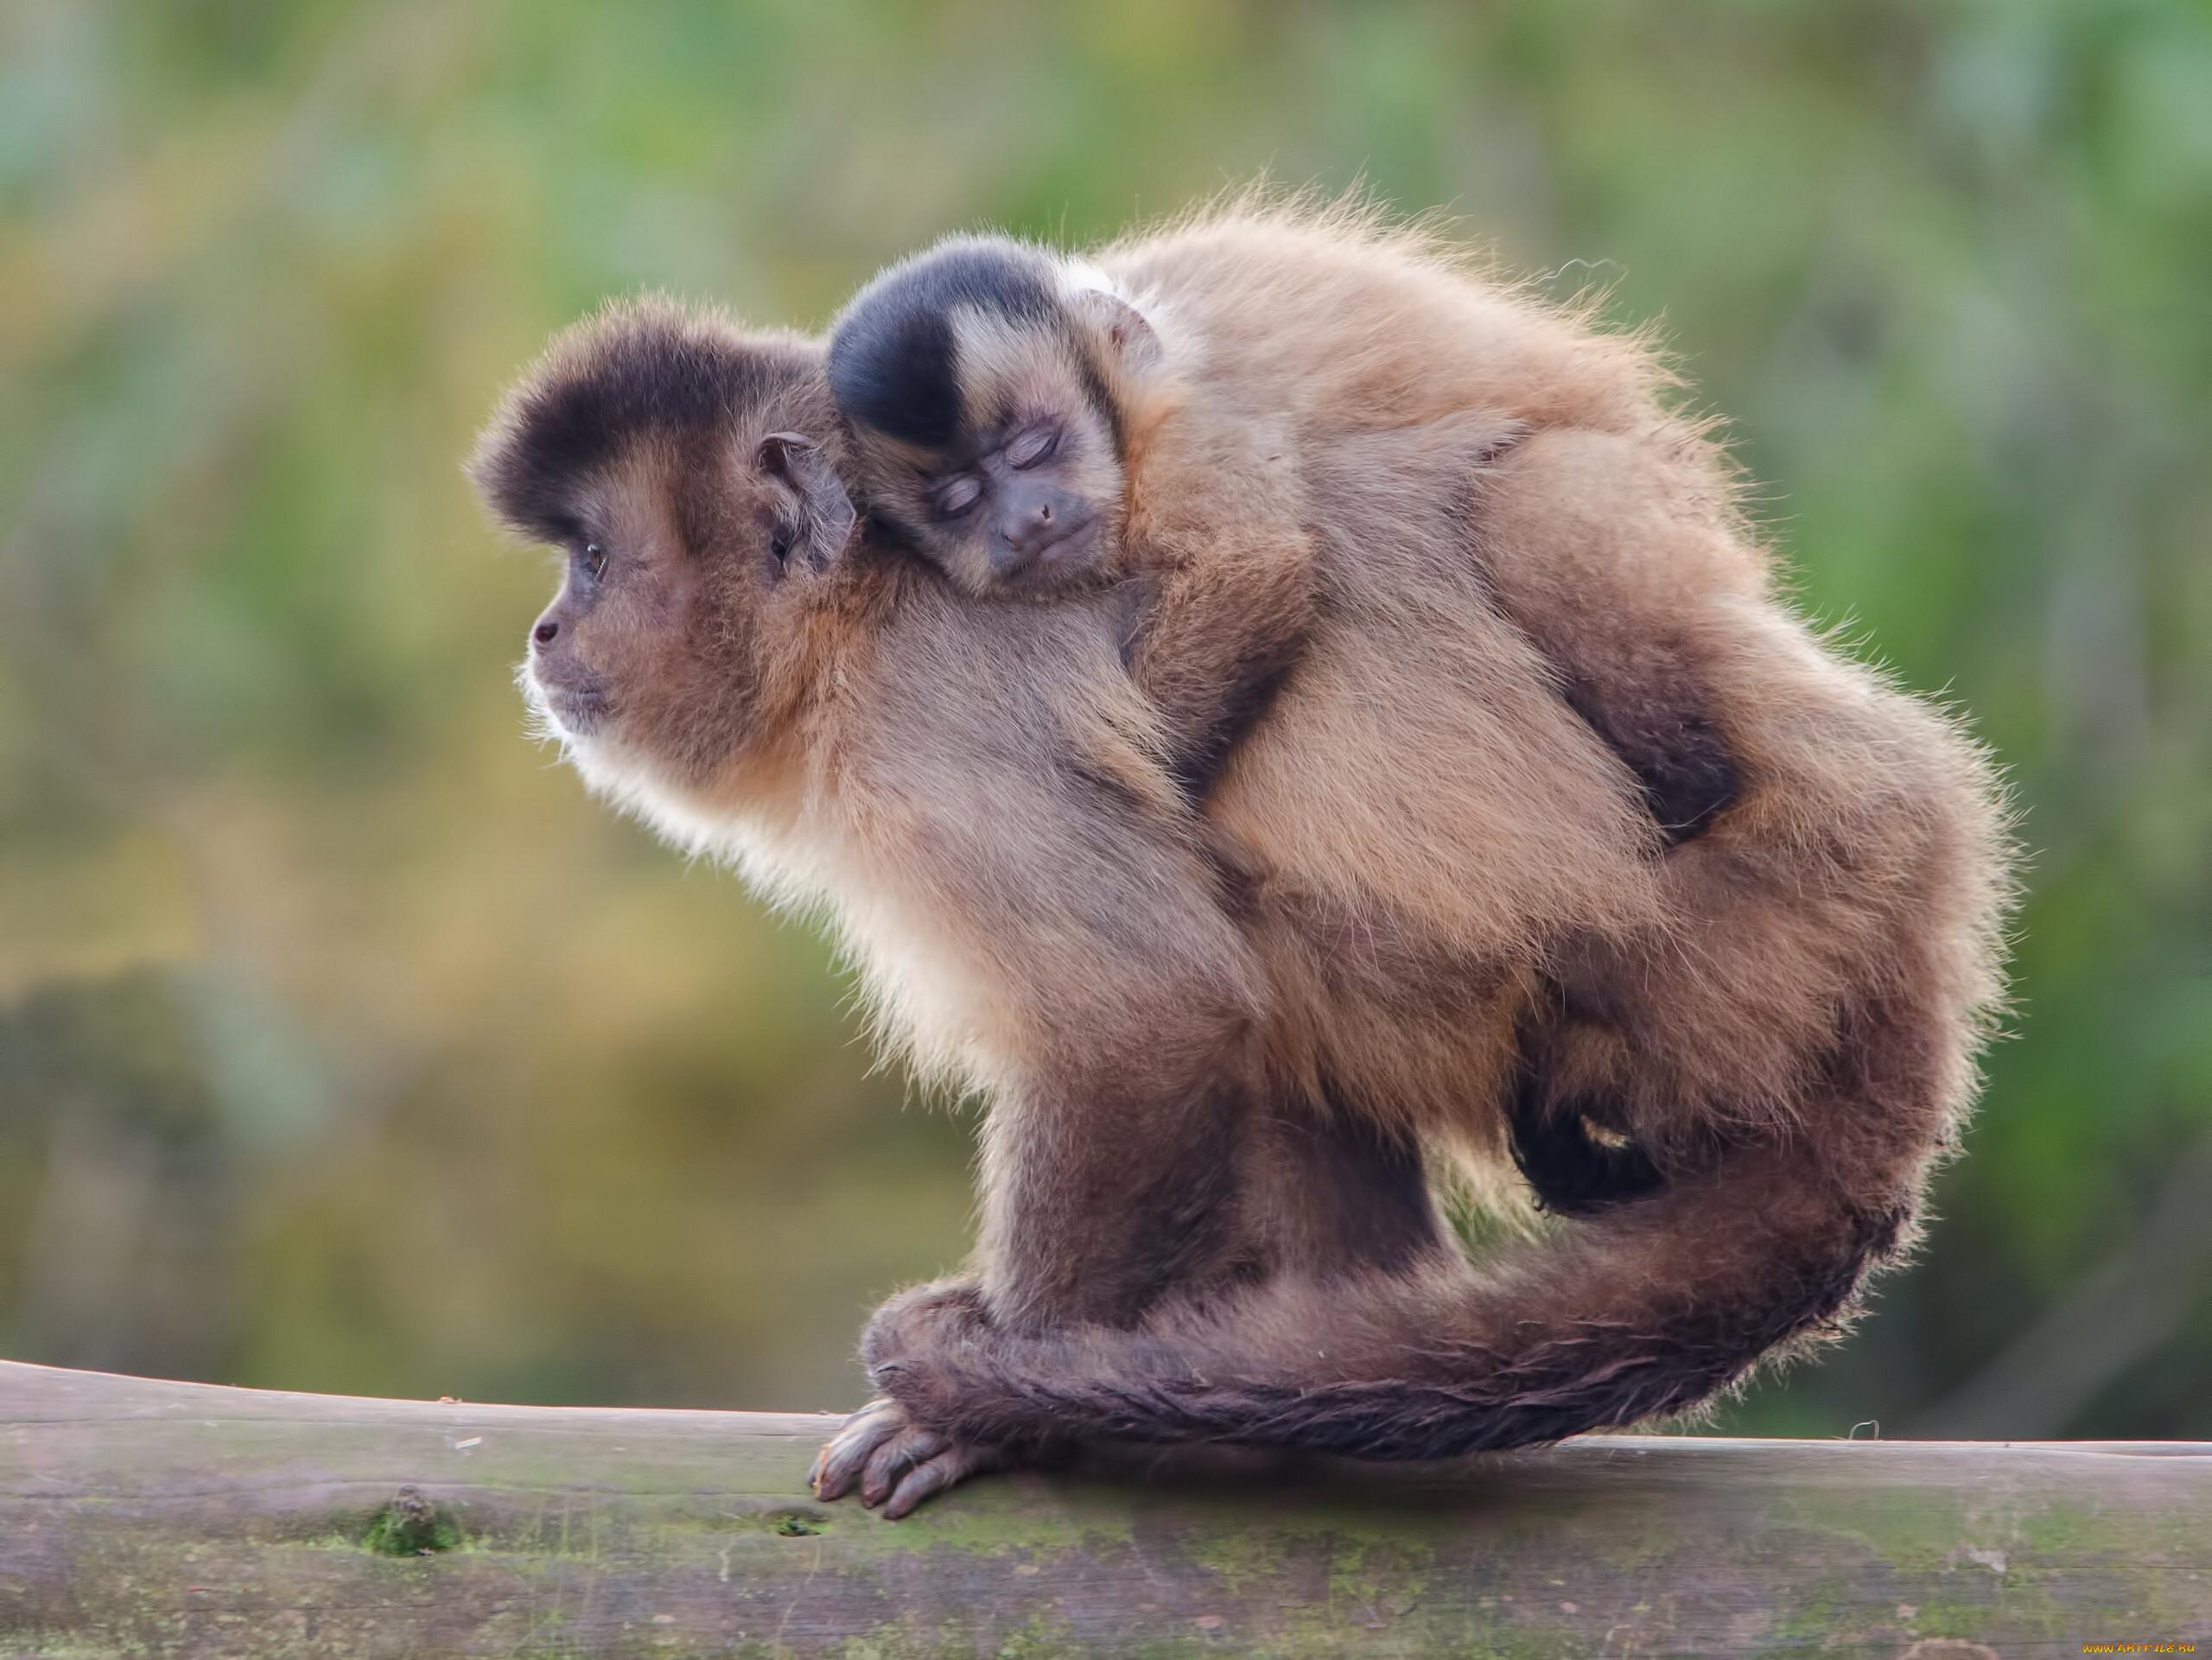 геннадьевна картинки обезьяны и детеныша взрослого заключается